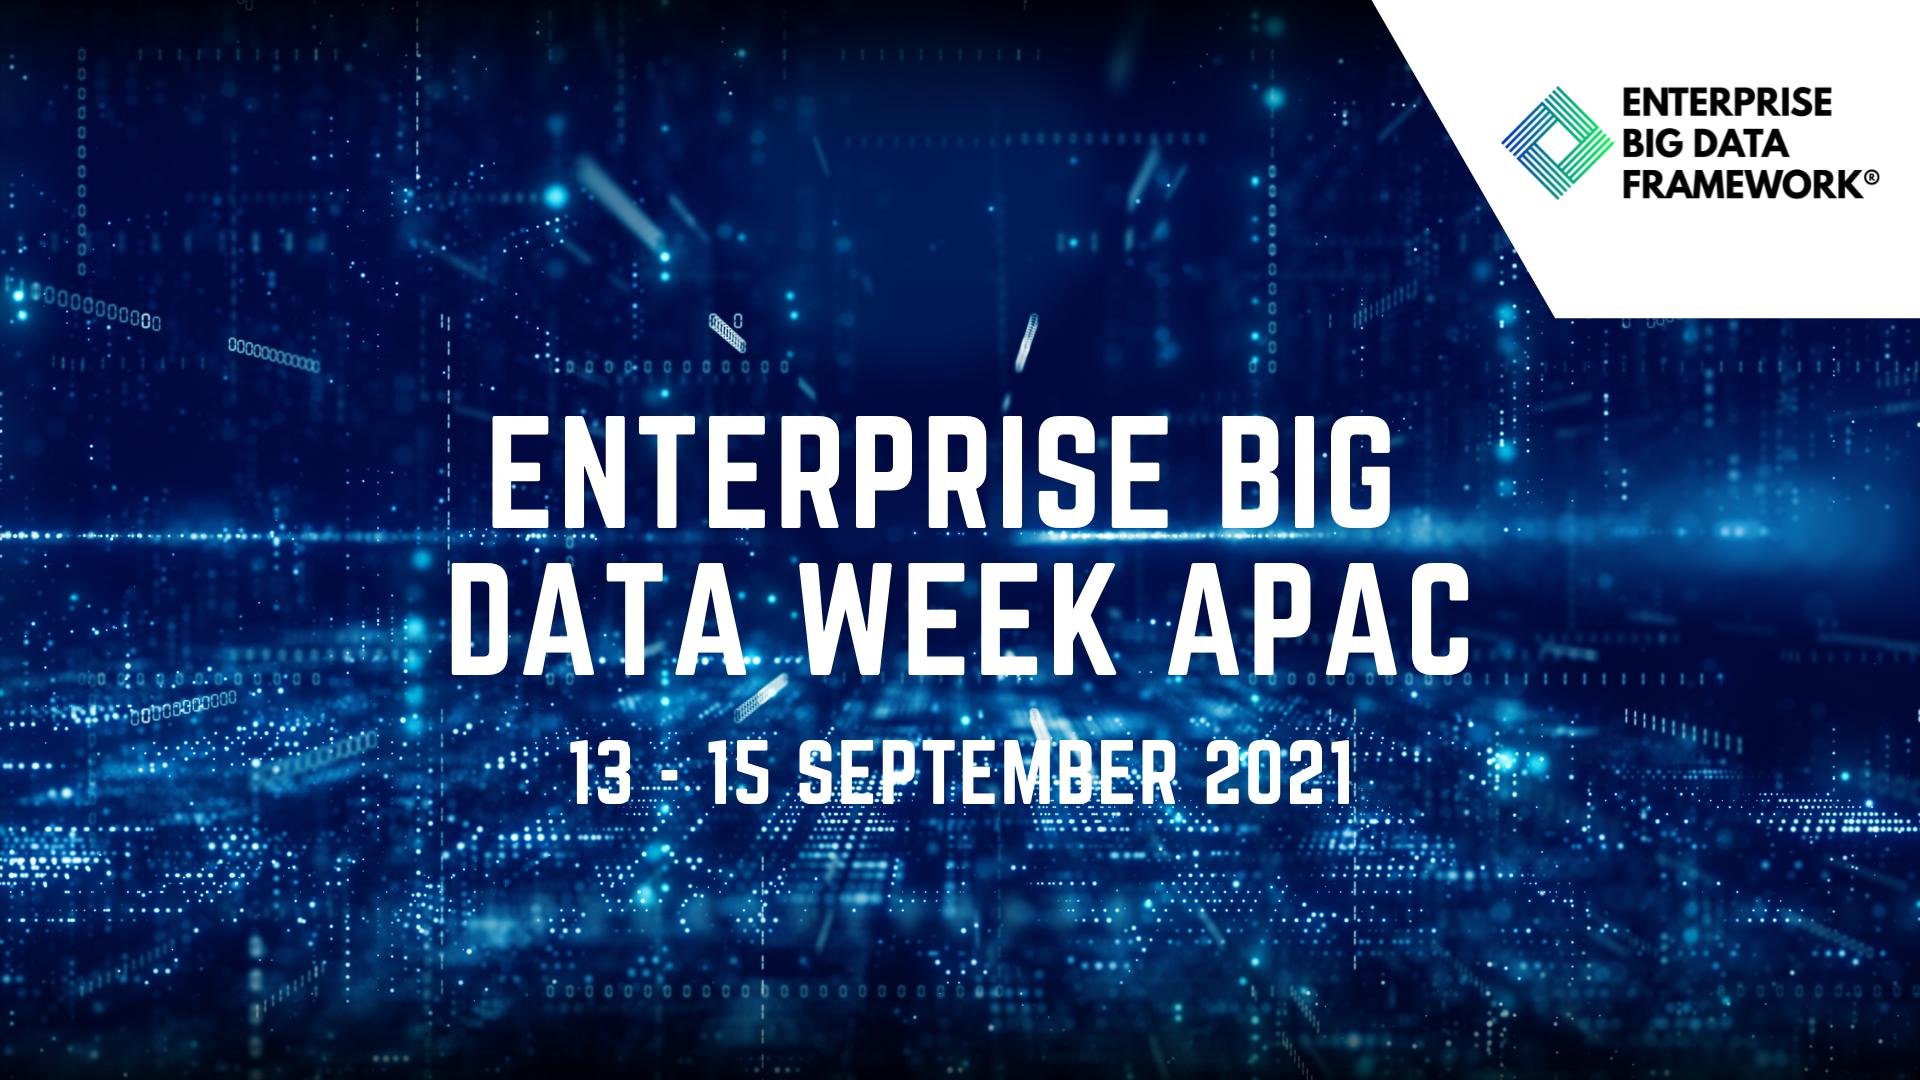 Enterprise Big Data Week APAC 2021